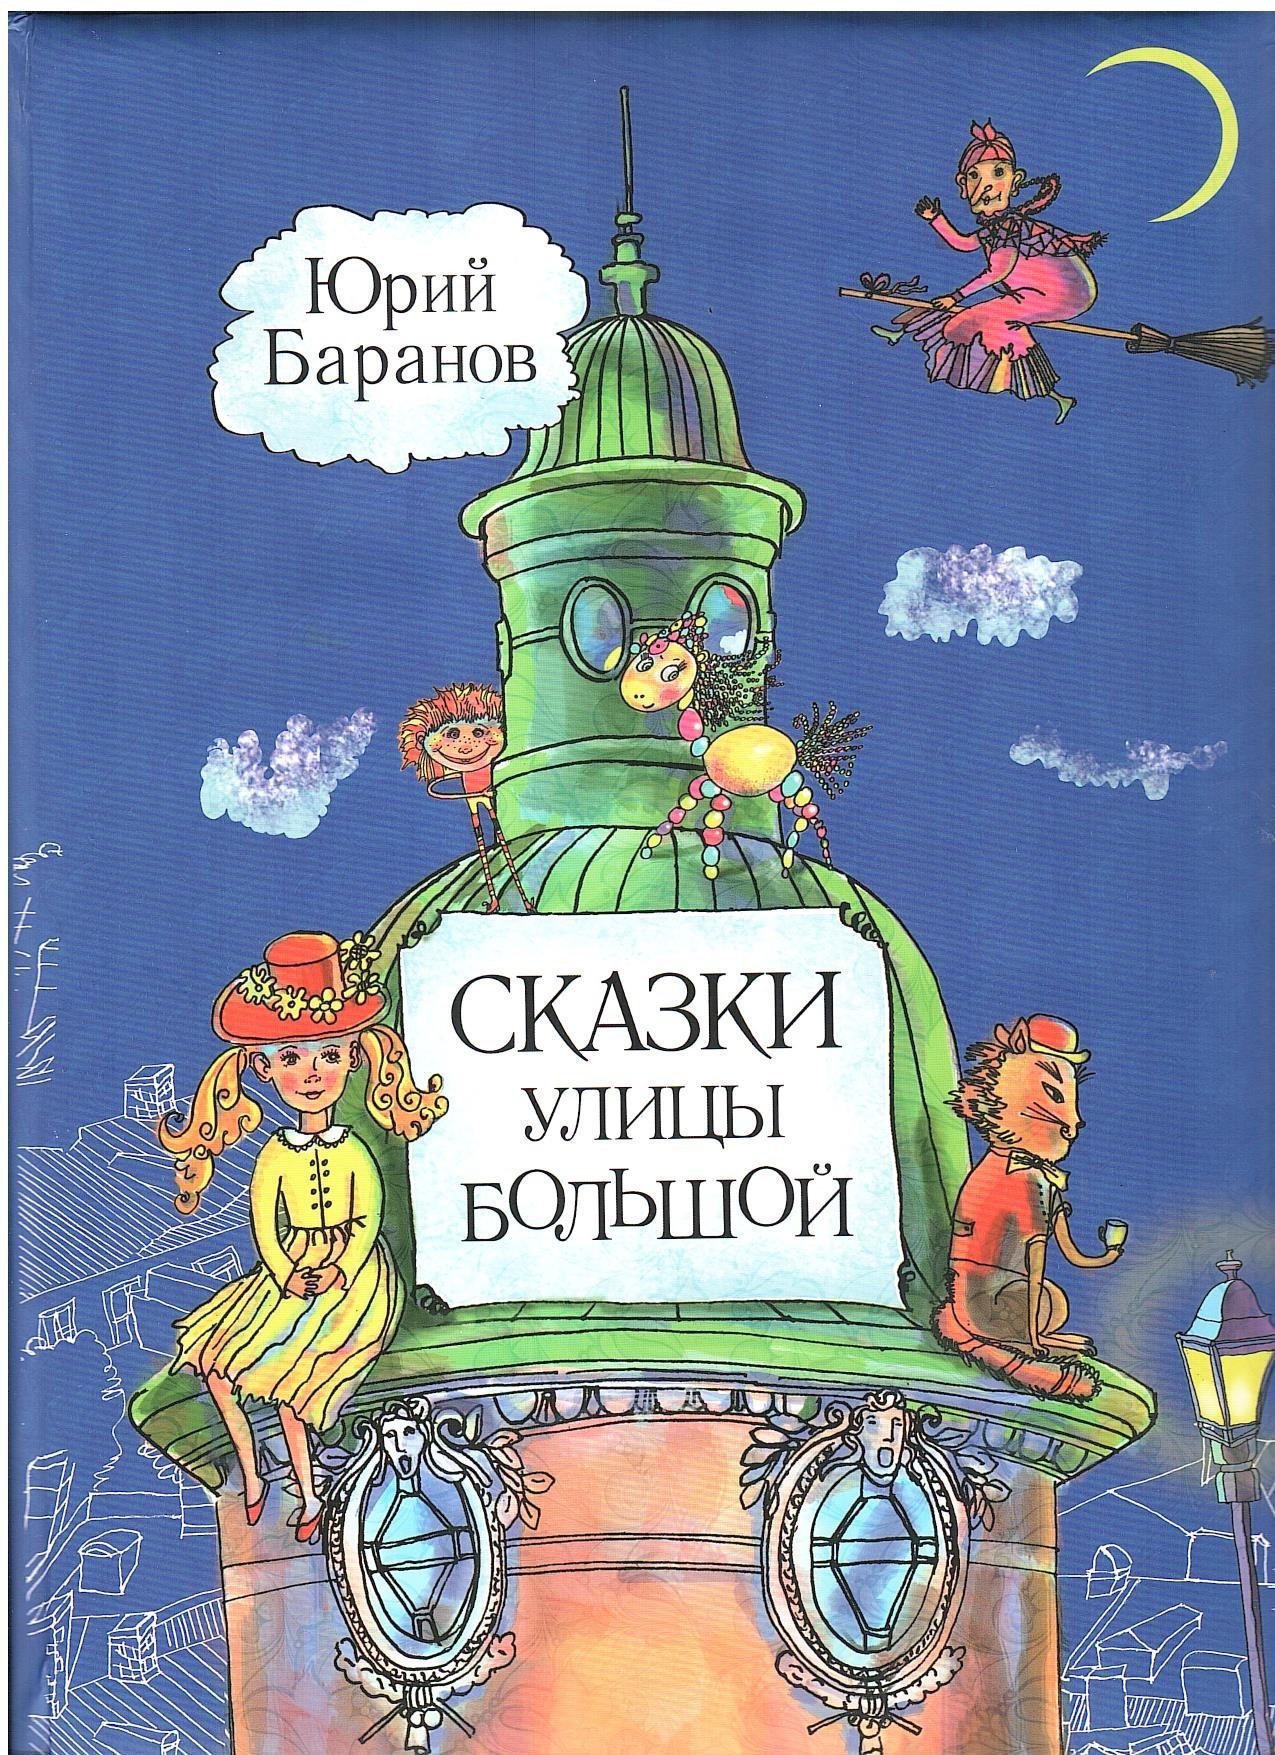 Баранов Ю.И., Сказки улицы Большой : сборник сказок